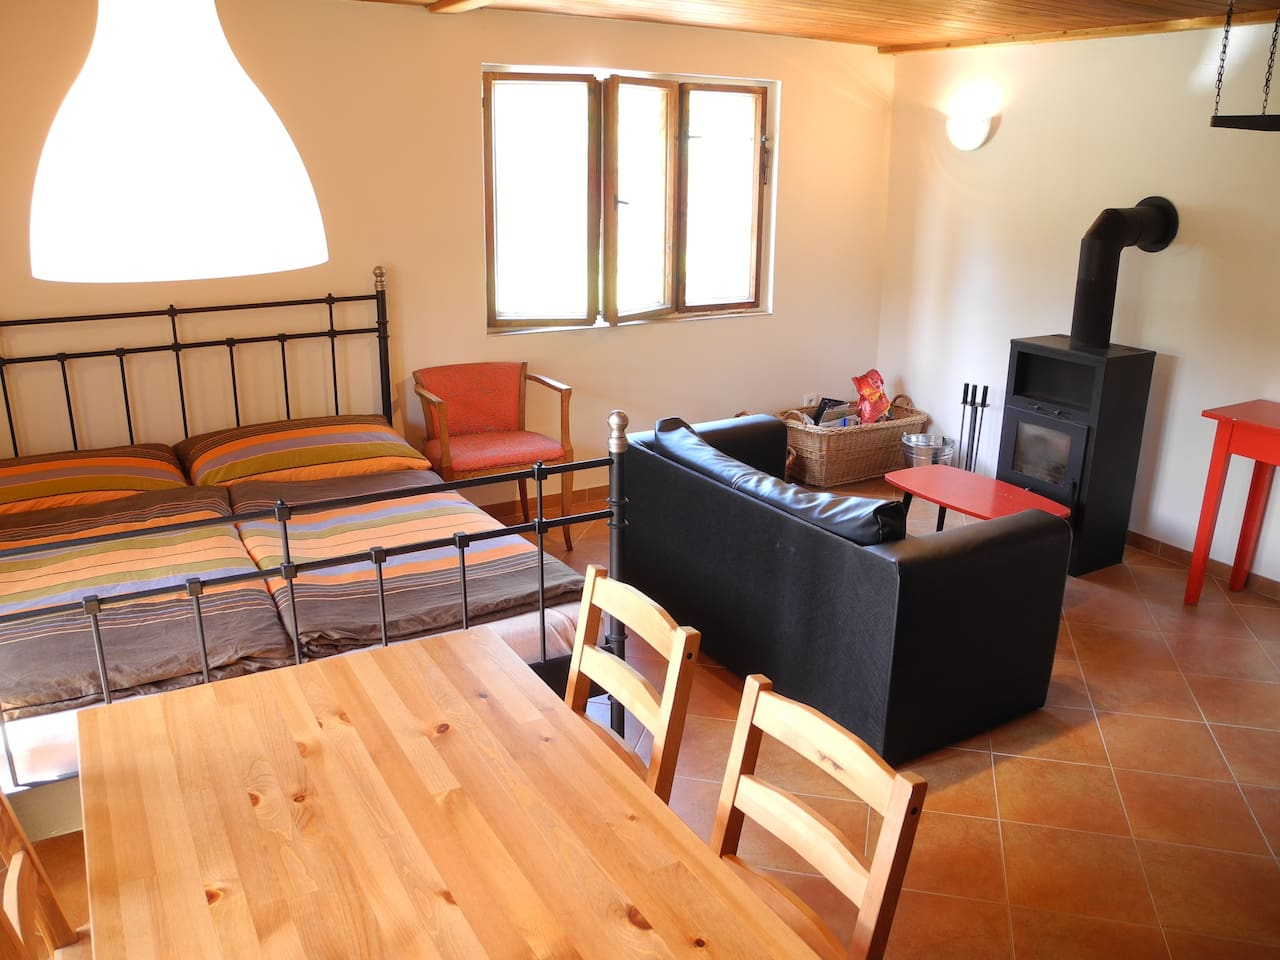 Obývací pokoj s jídelním stolem, manželskou postelí a krbovými kamny připravenými k použití.